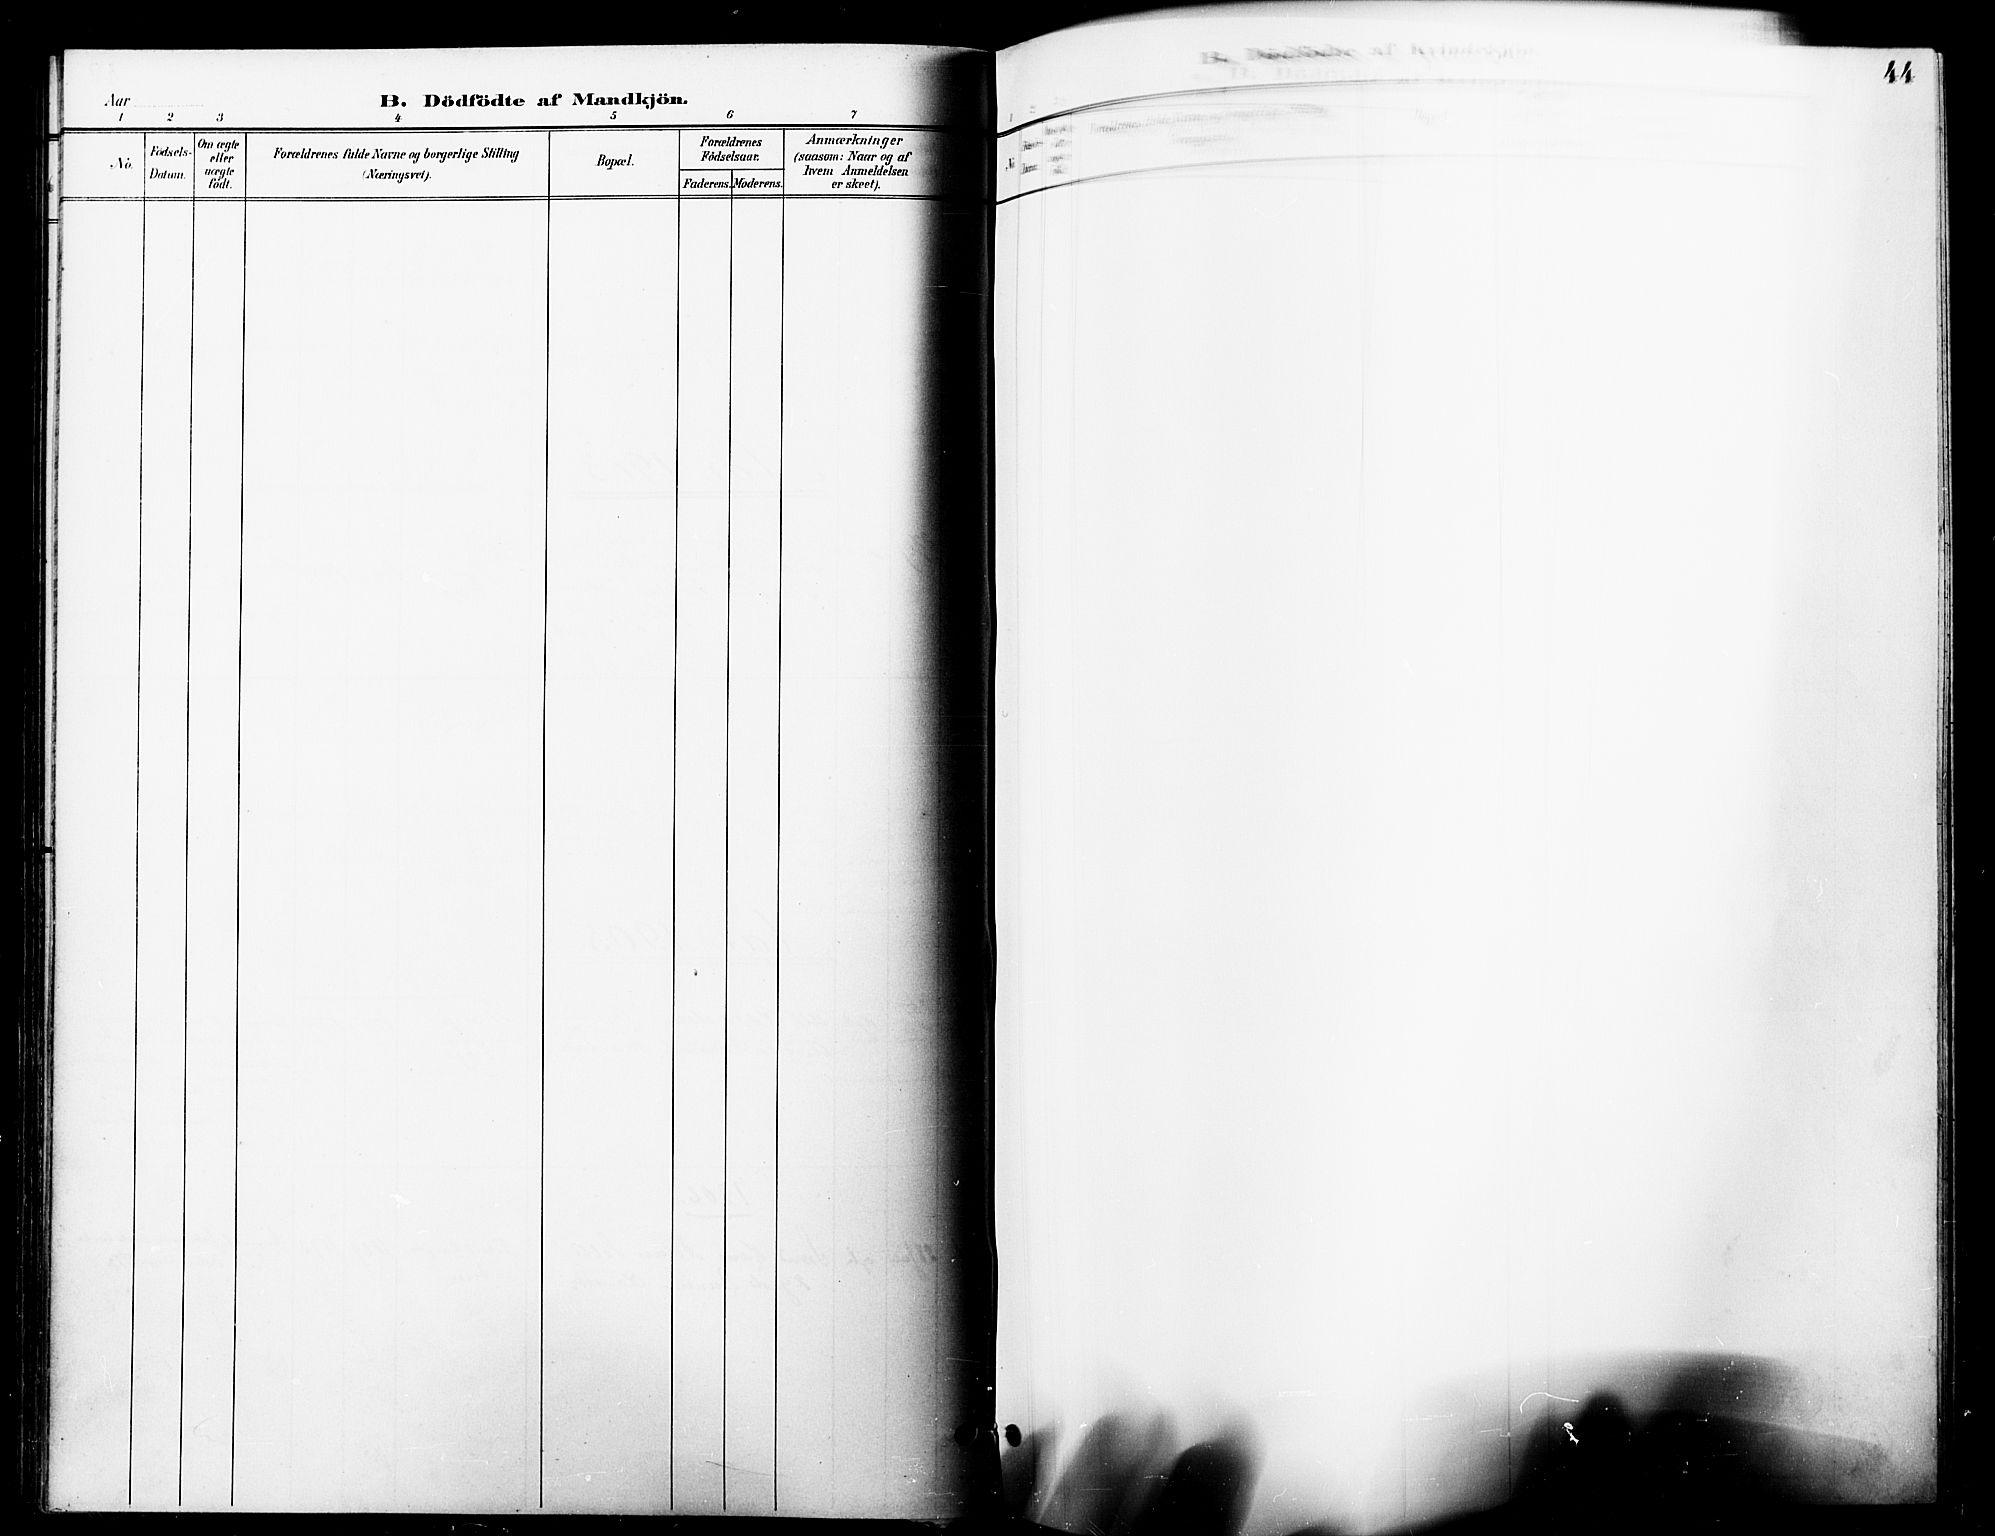 SAT, Ministerialprotokoller, klokkerbøker og fødselsregistre - Nord-Trøndelag, 740/L0379: Ministerialbok nr. 740A02, 1895-1907, s. 43